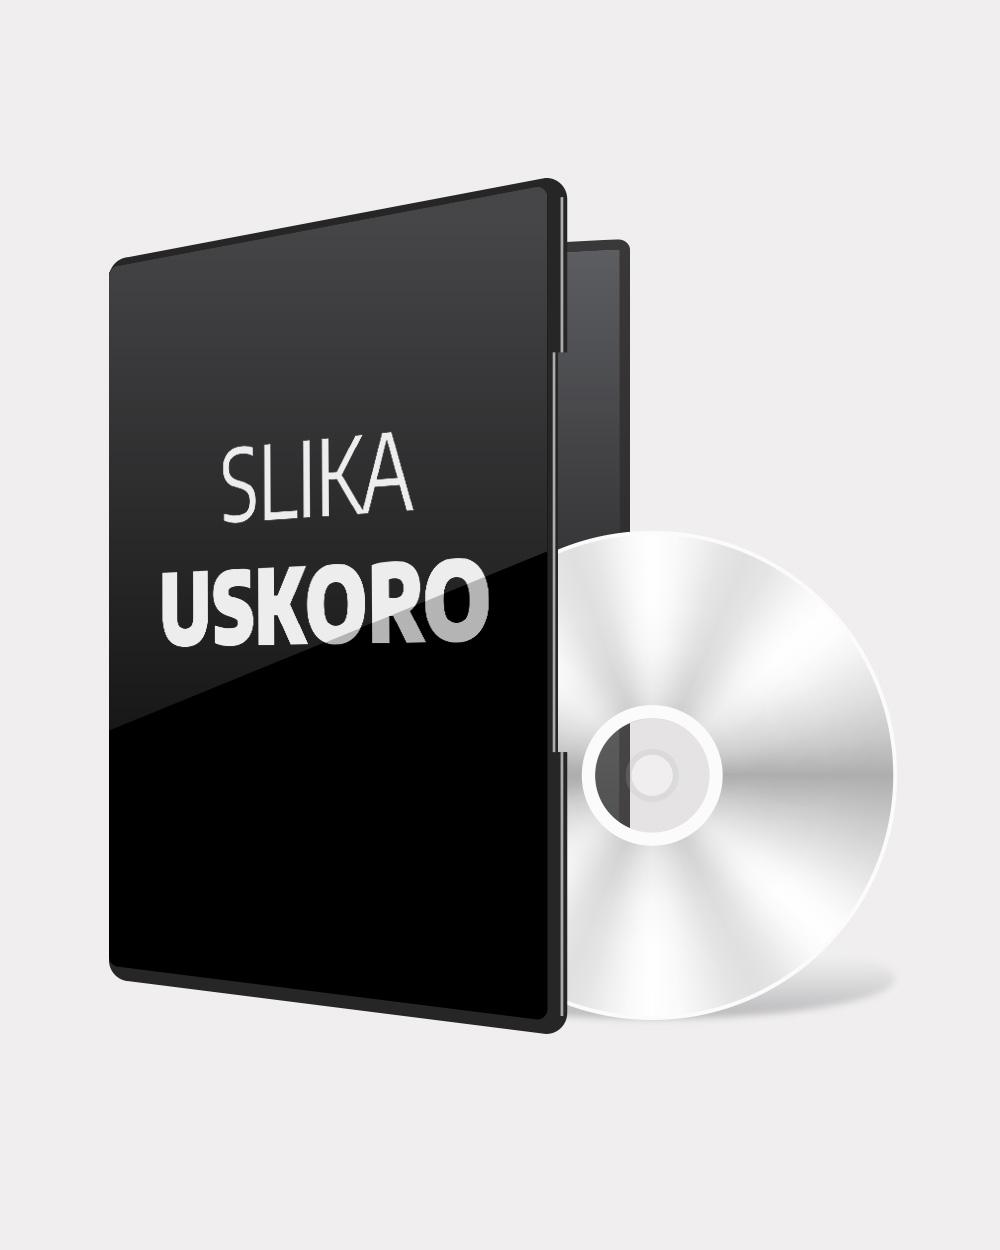 XBOX ONE MXGP Pro